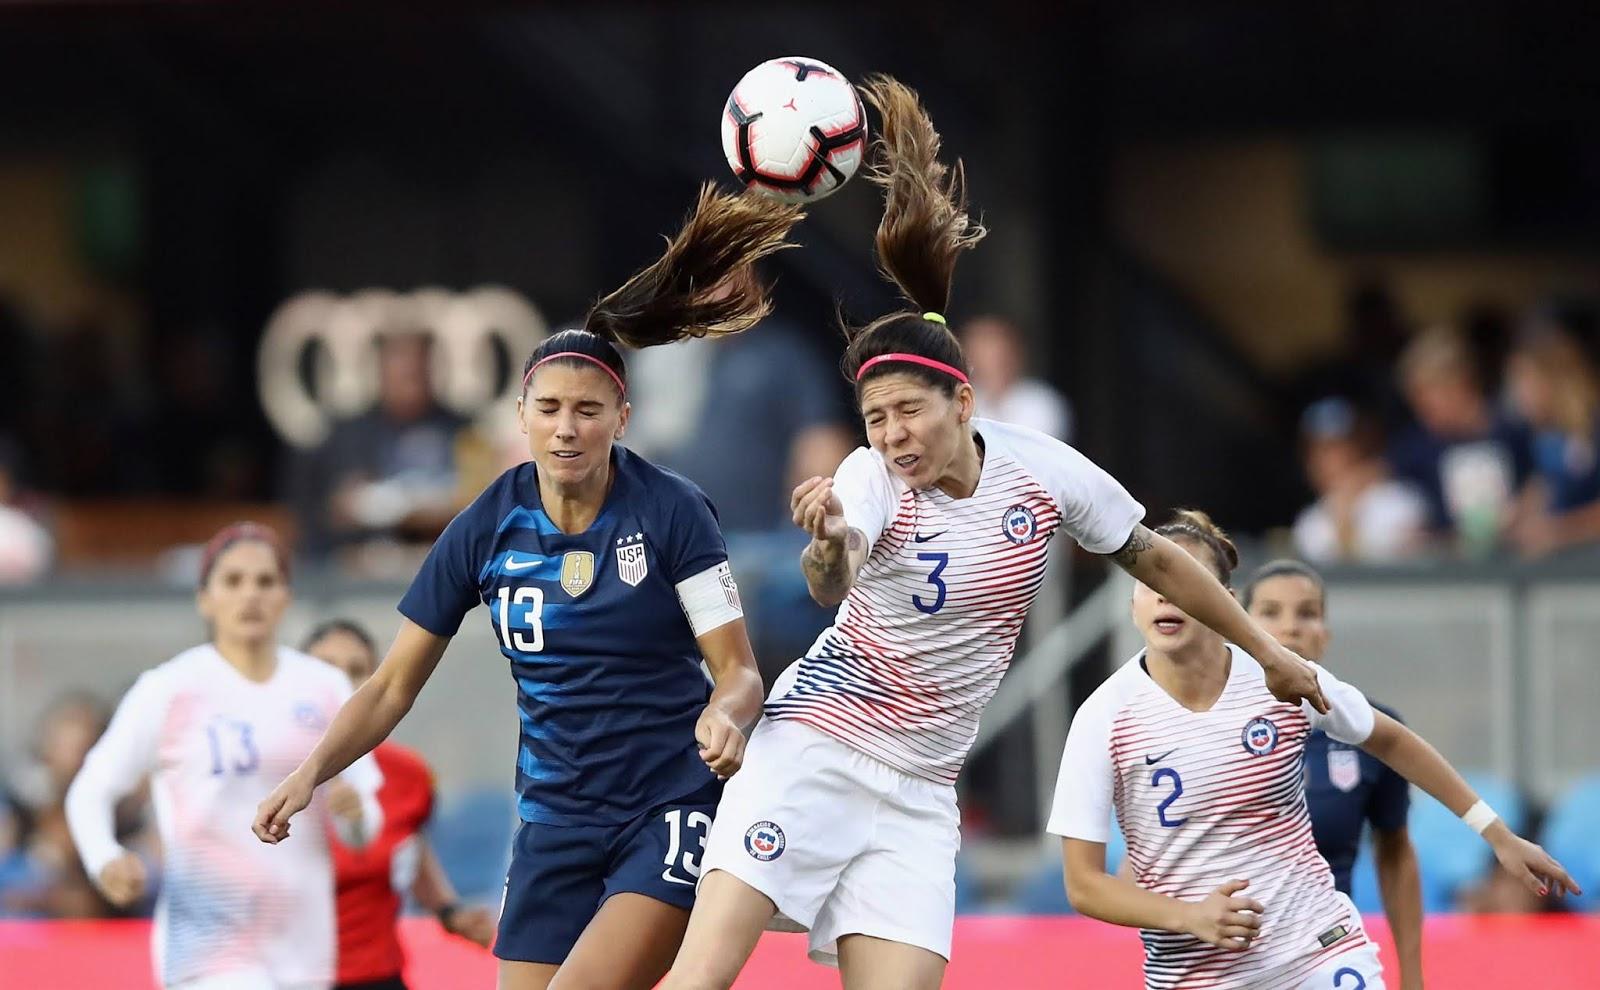 Estados Unidos y Chile en partido amistoso femenino, 4 de septiembre de 2018